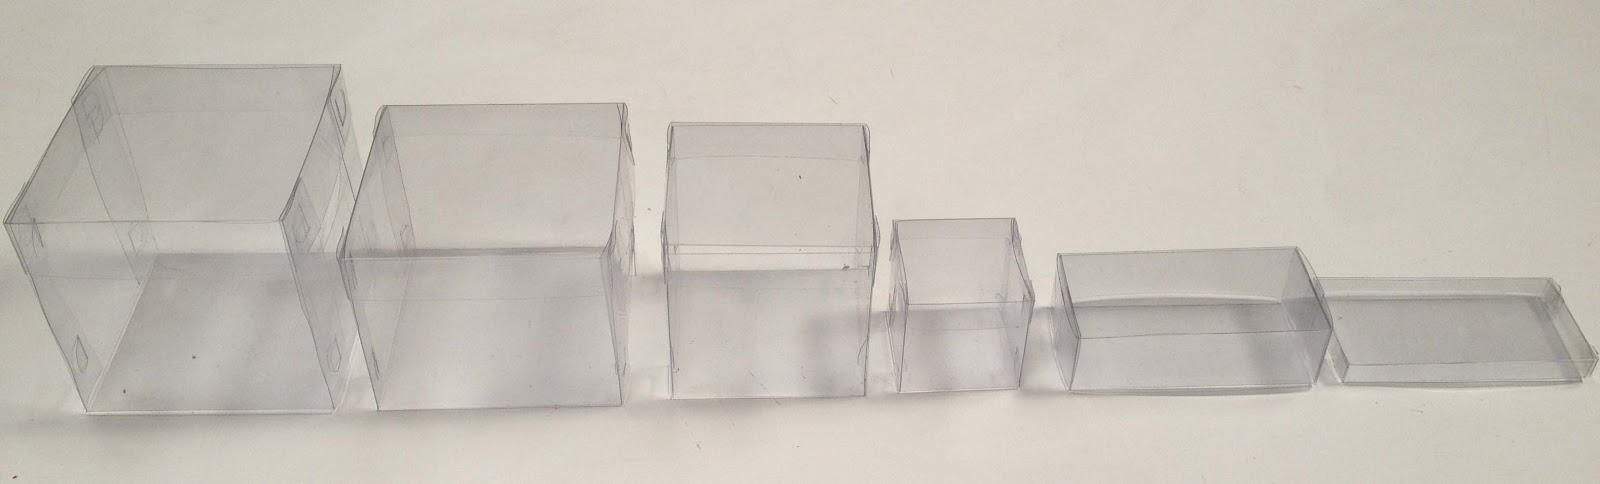 Trofeos joyas y adornos cajas para regalo de acetato - Cajas transparentes para zapatos ...